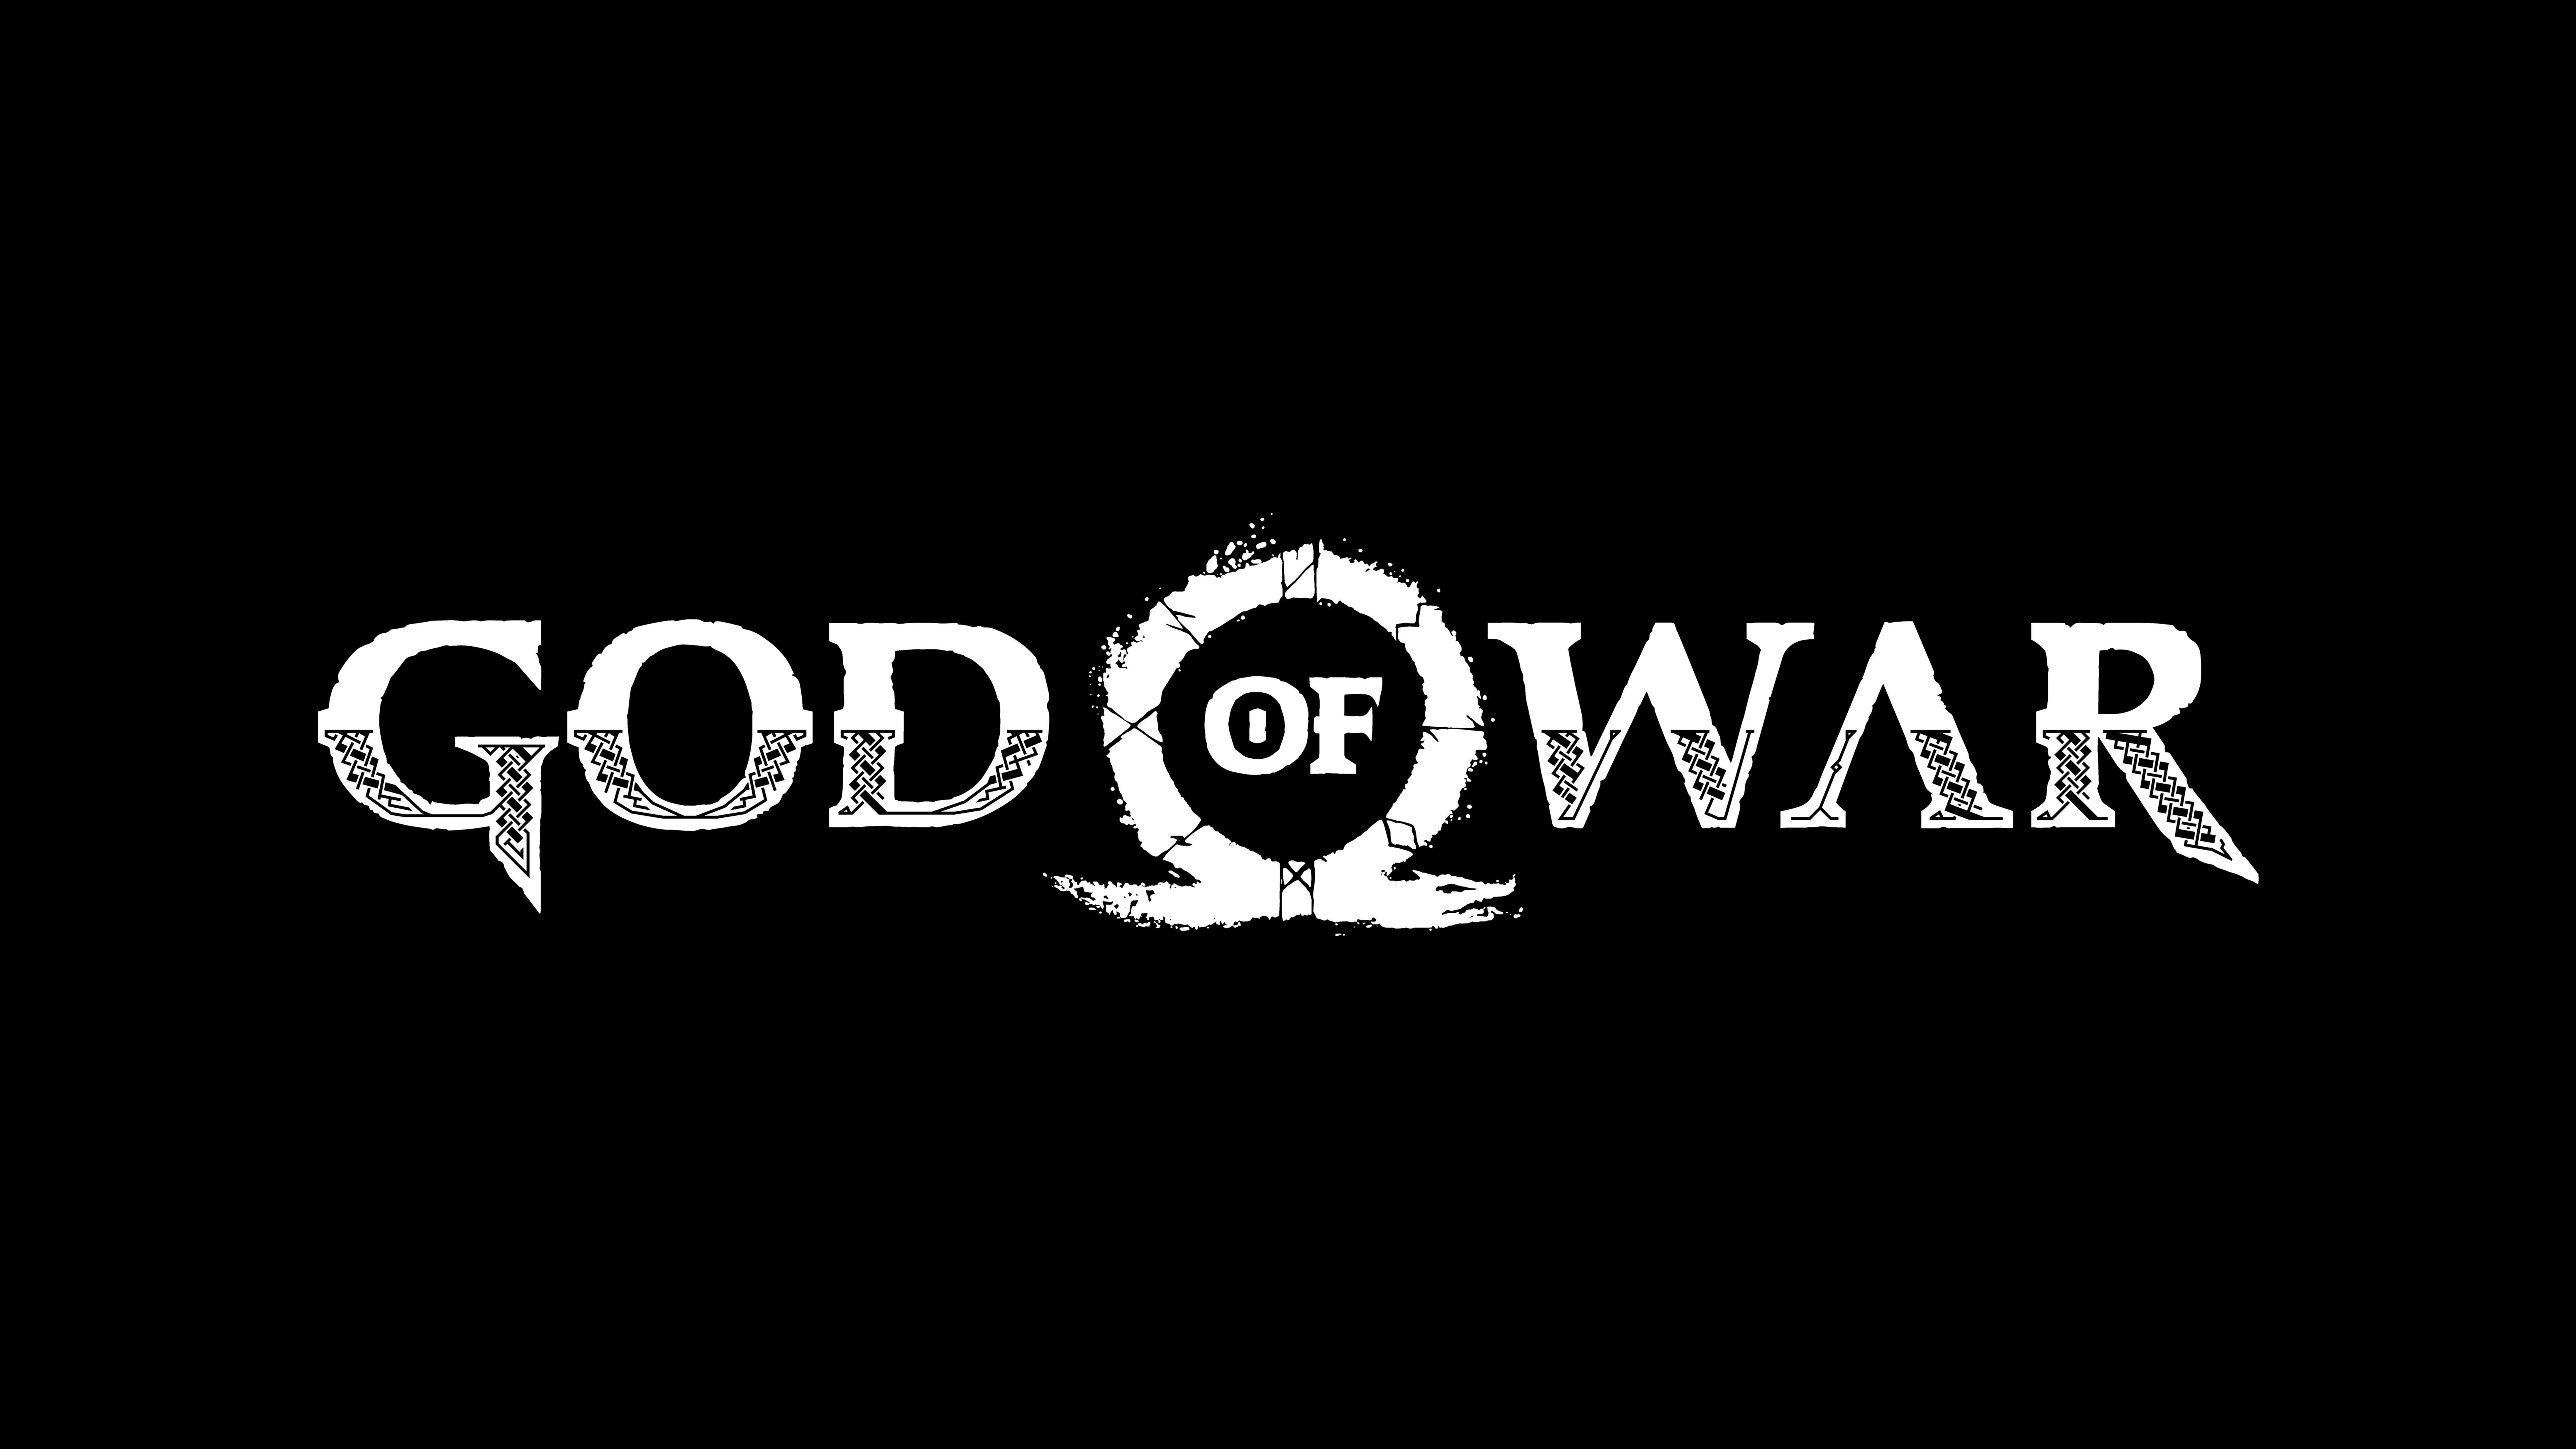 god-of-war-2018-logo-4k-lc.jpg